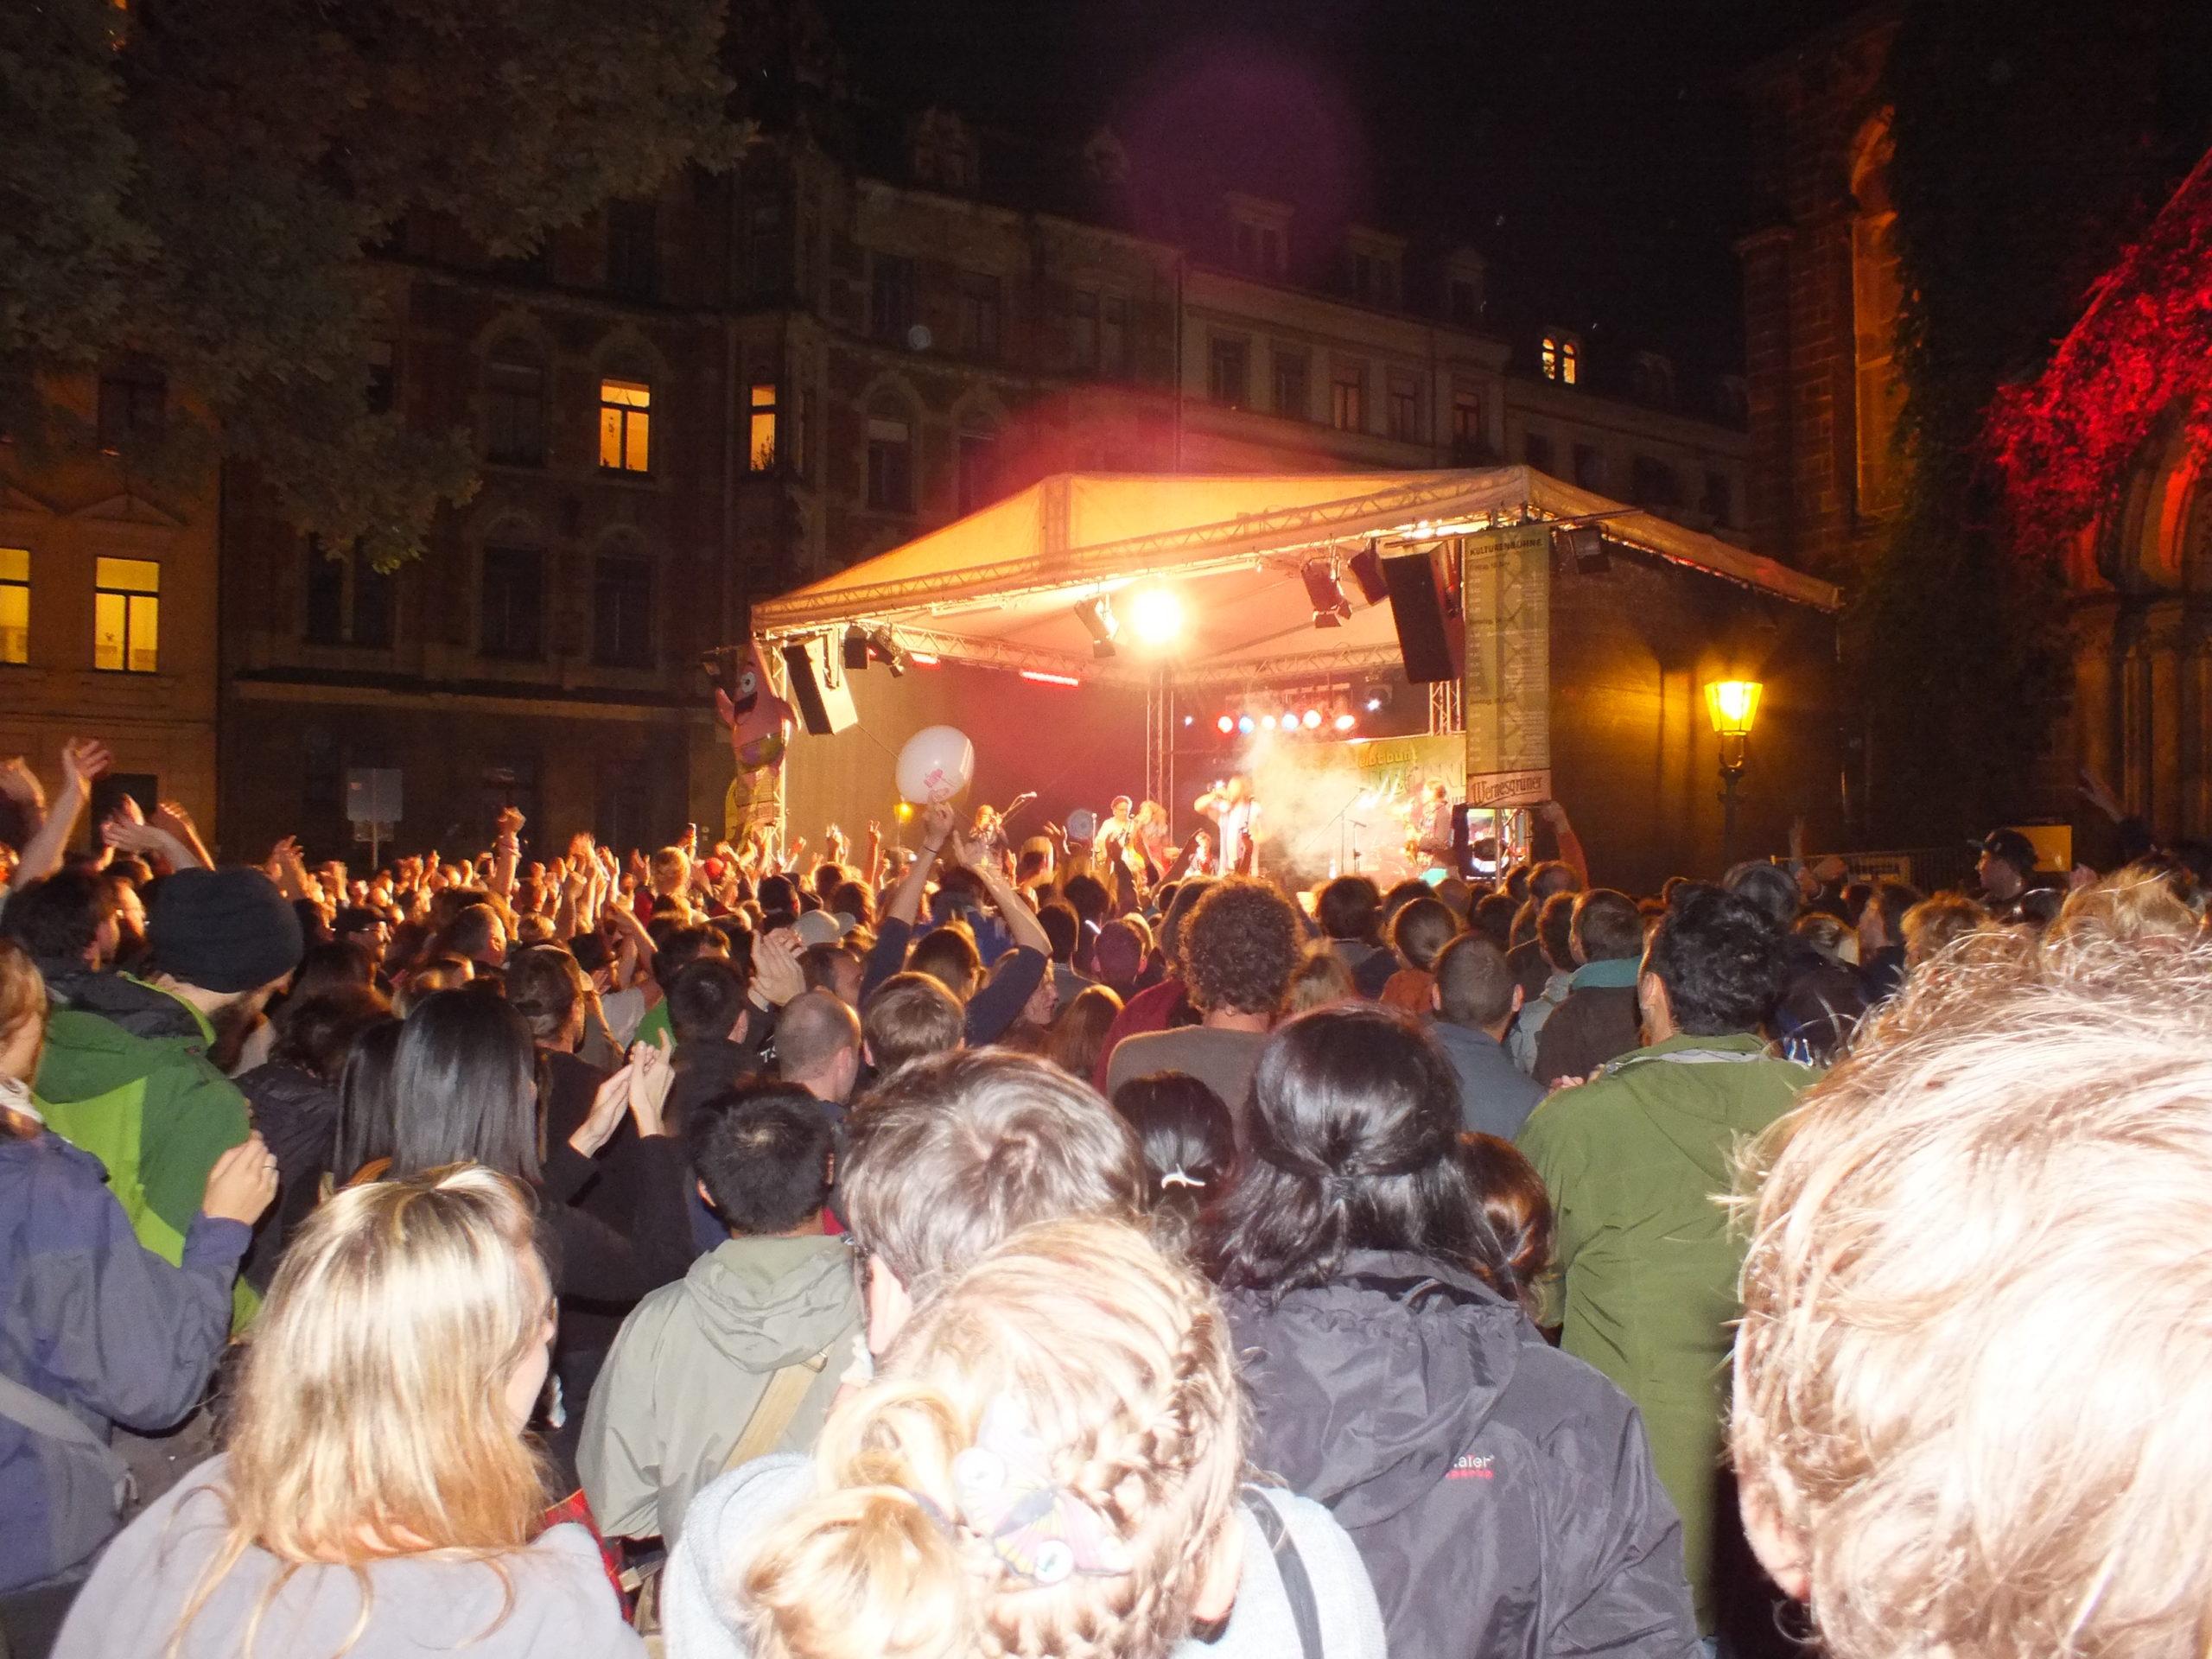 Biete Bühnenplatz | Bewerbungen für die Kulturen- und die Kinderbühne am Martin-Luther-Platz!